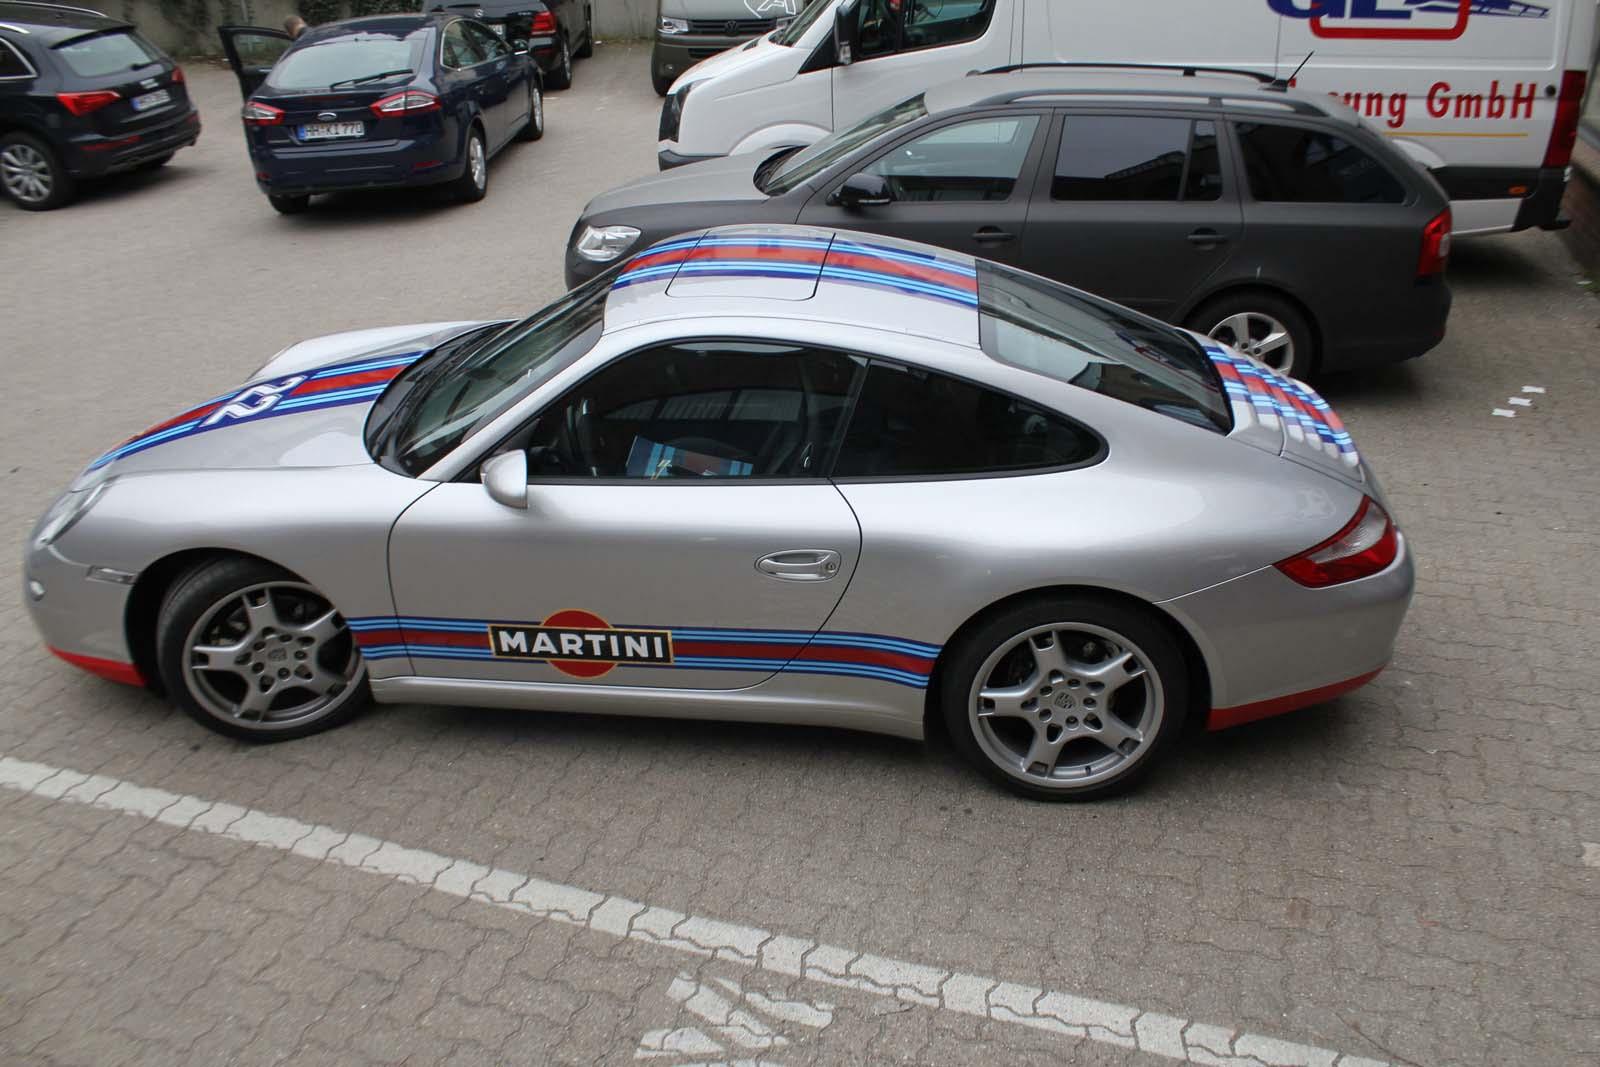 Porsche_911_Rallyestreifen_Teilfolierung_Martini_Design_27